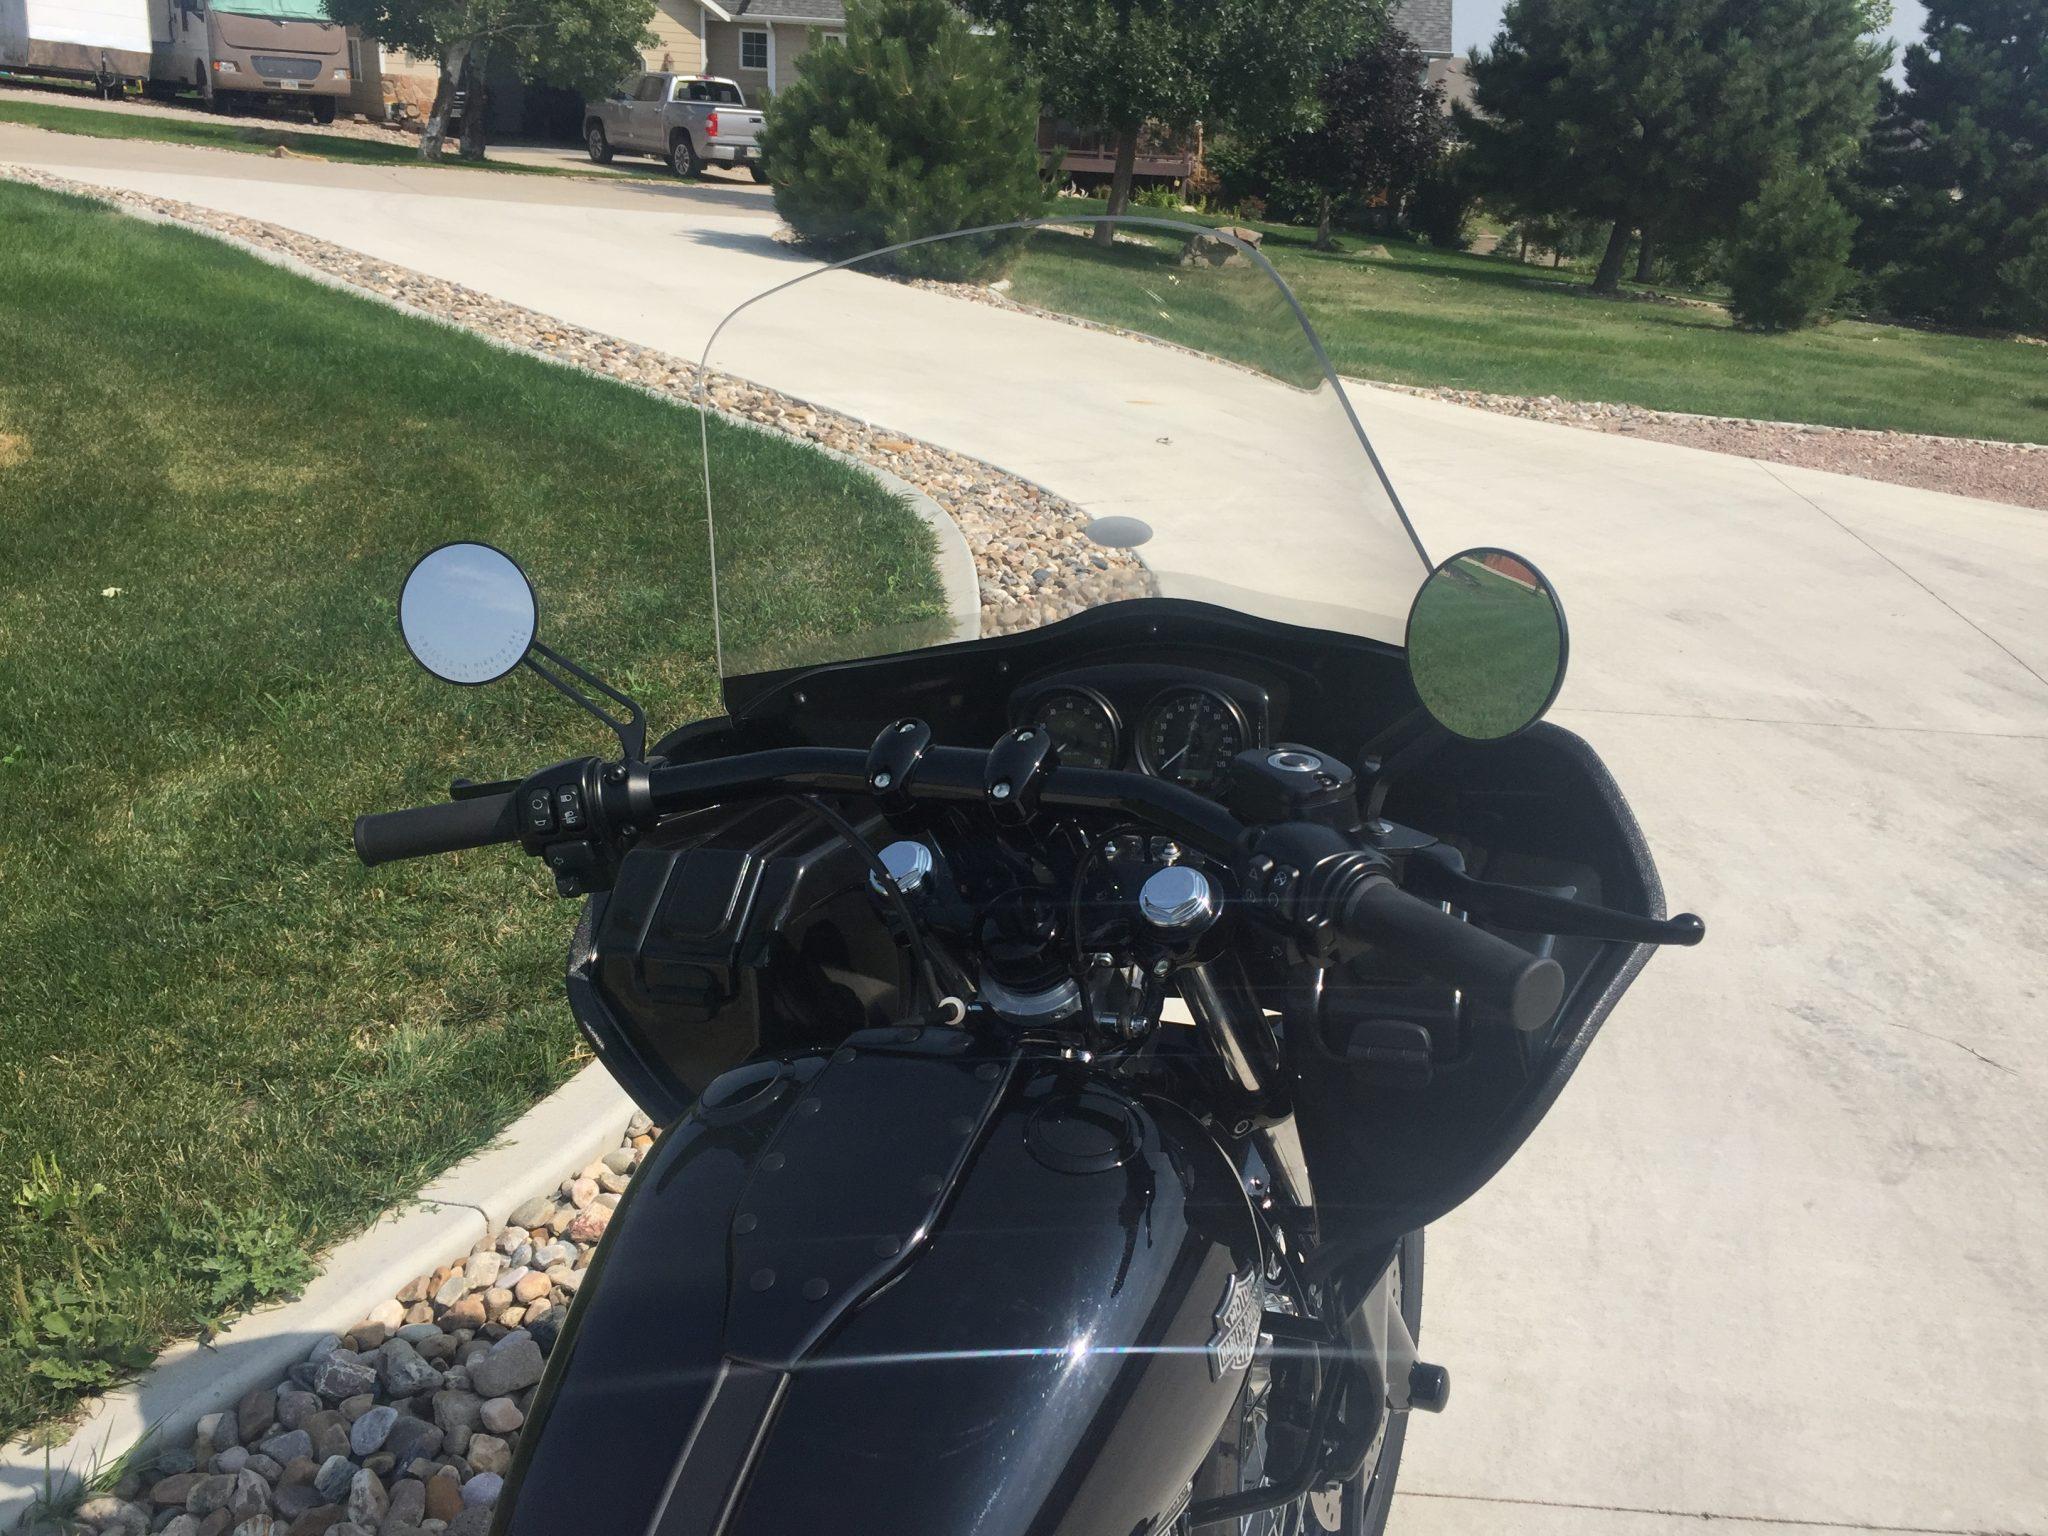 Dyna with single headlight fairing